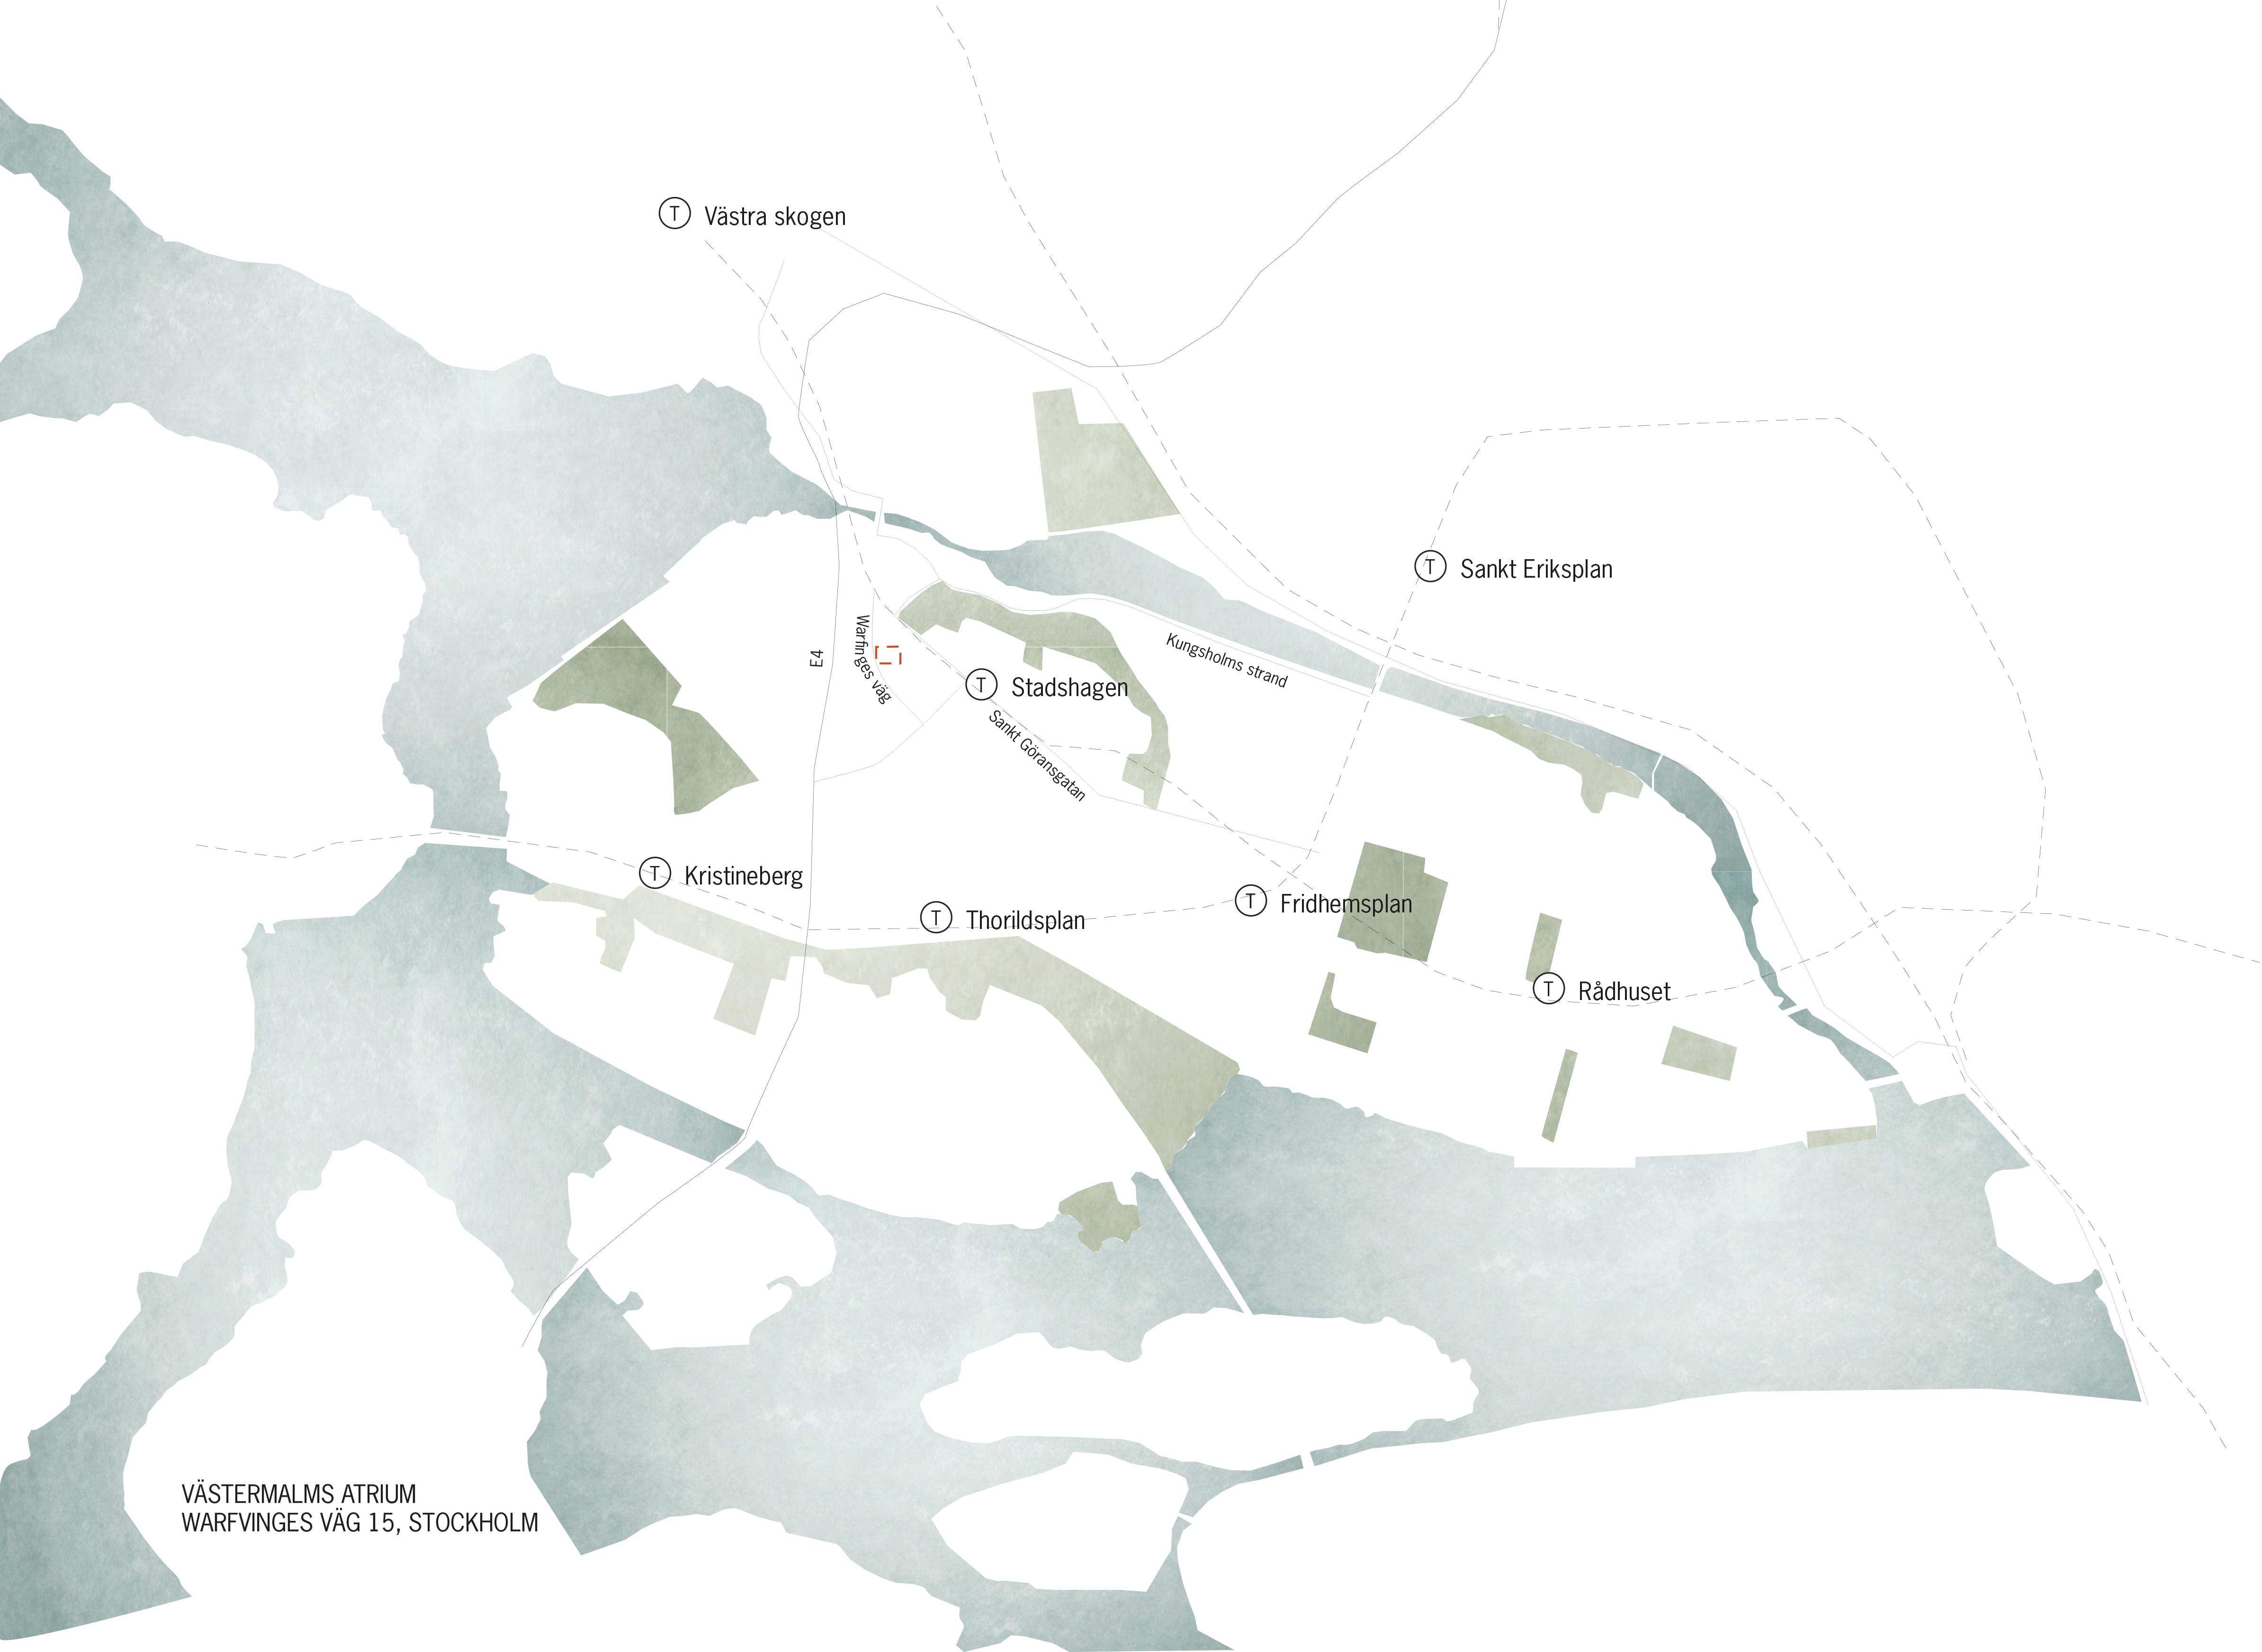 Vastermalms_atrium_LAND_2011_2013_karta